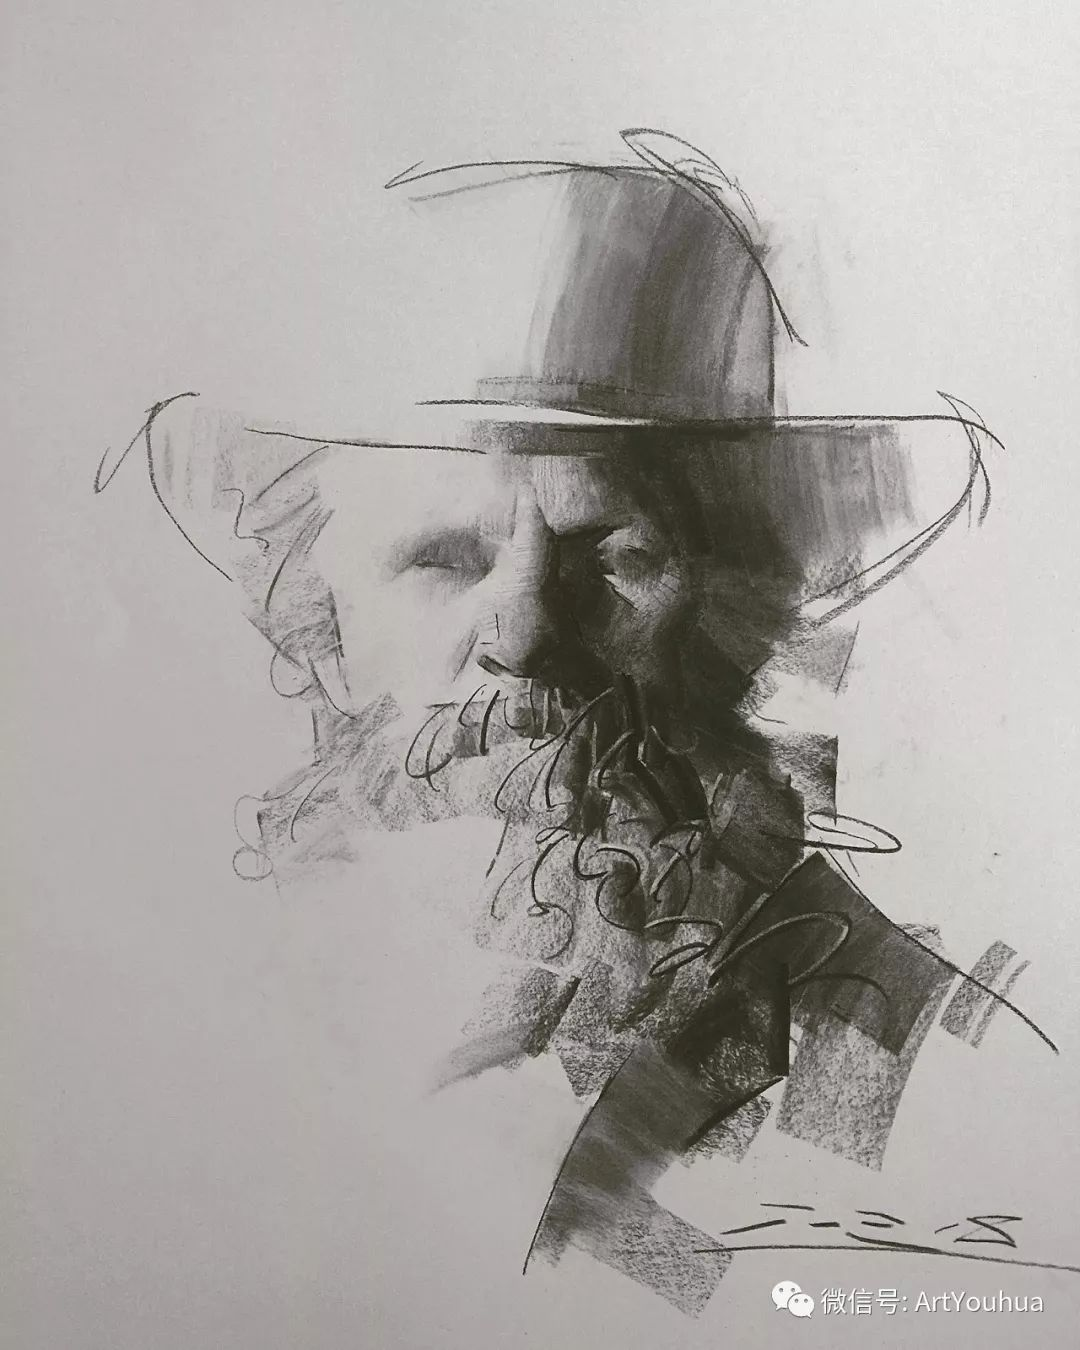 他的人物肖像绘画独具一格 还是位80后画家插图113